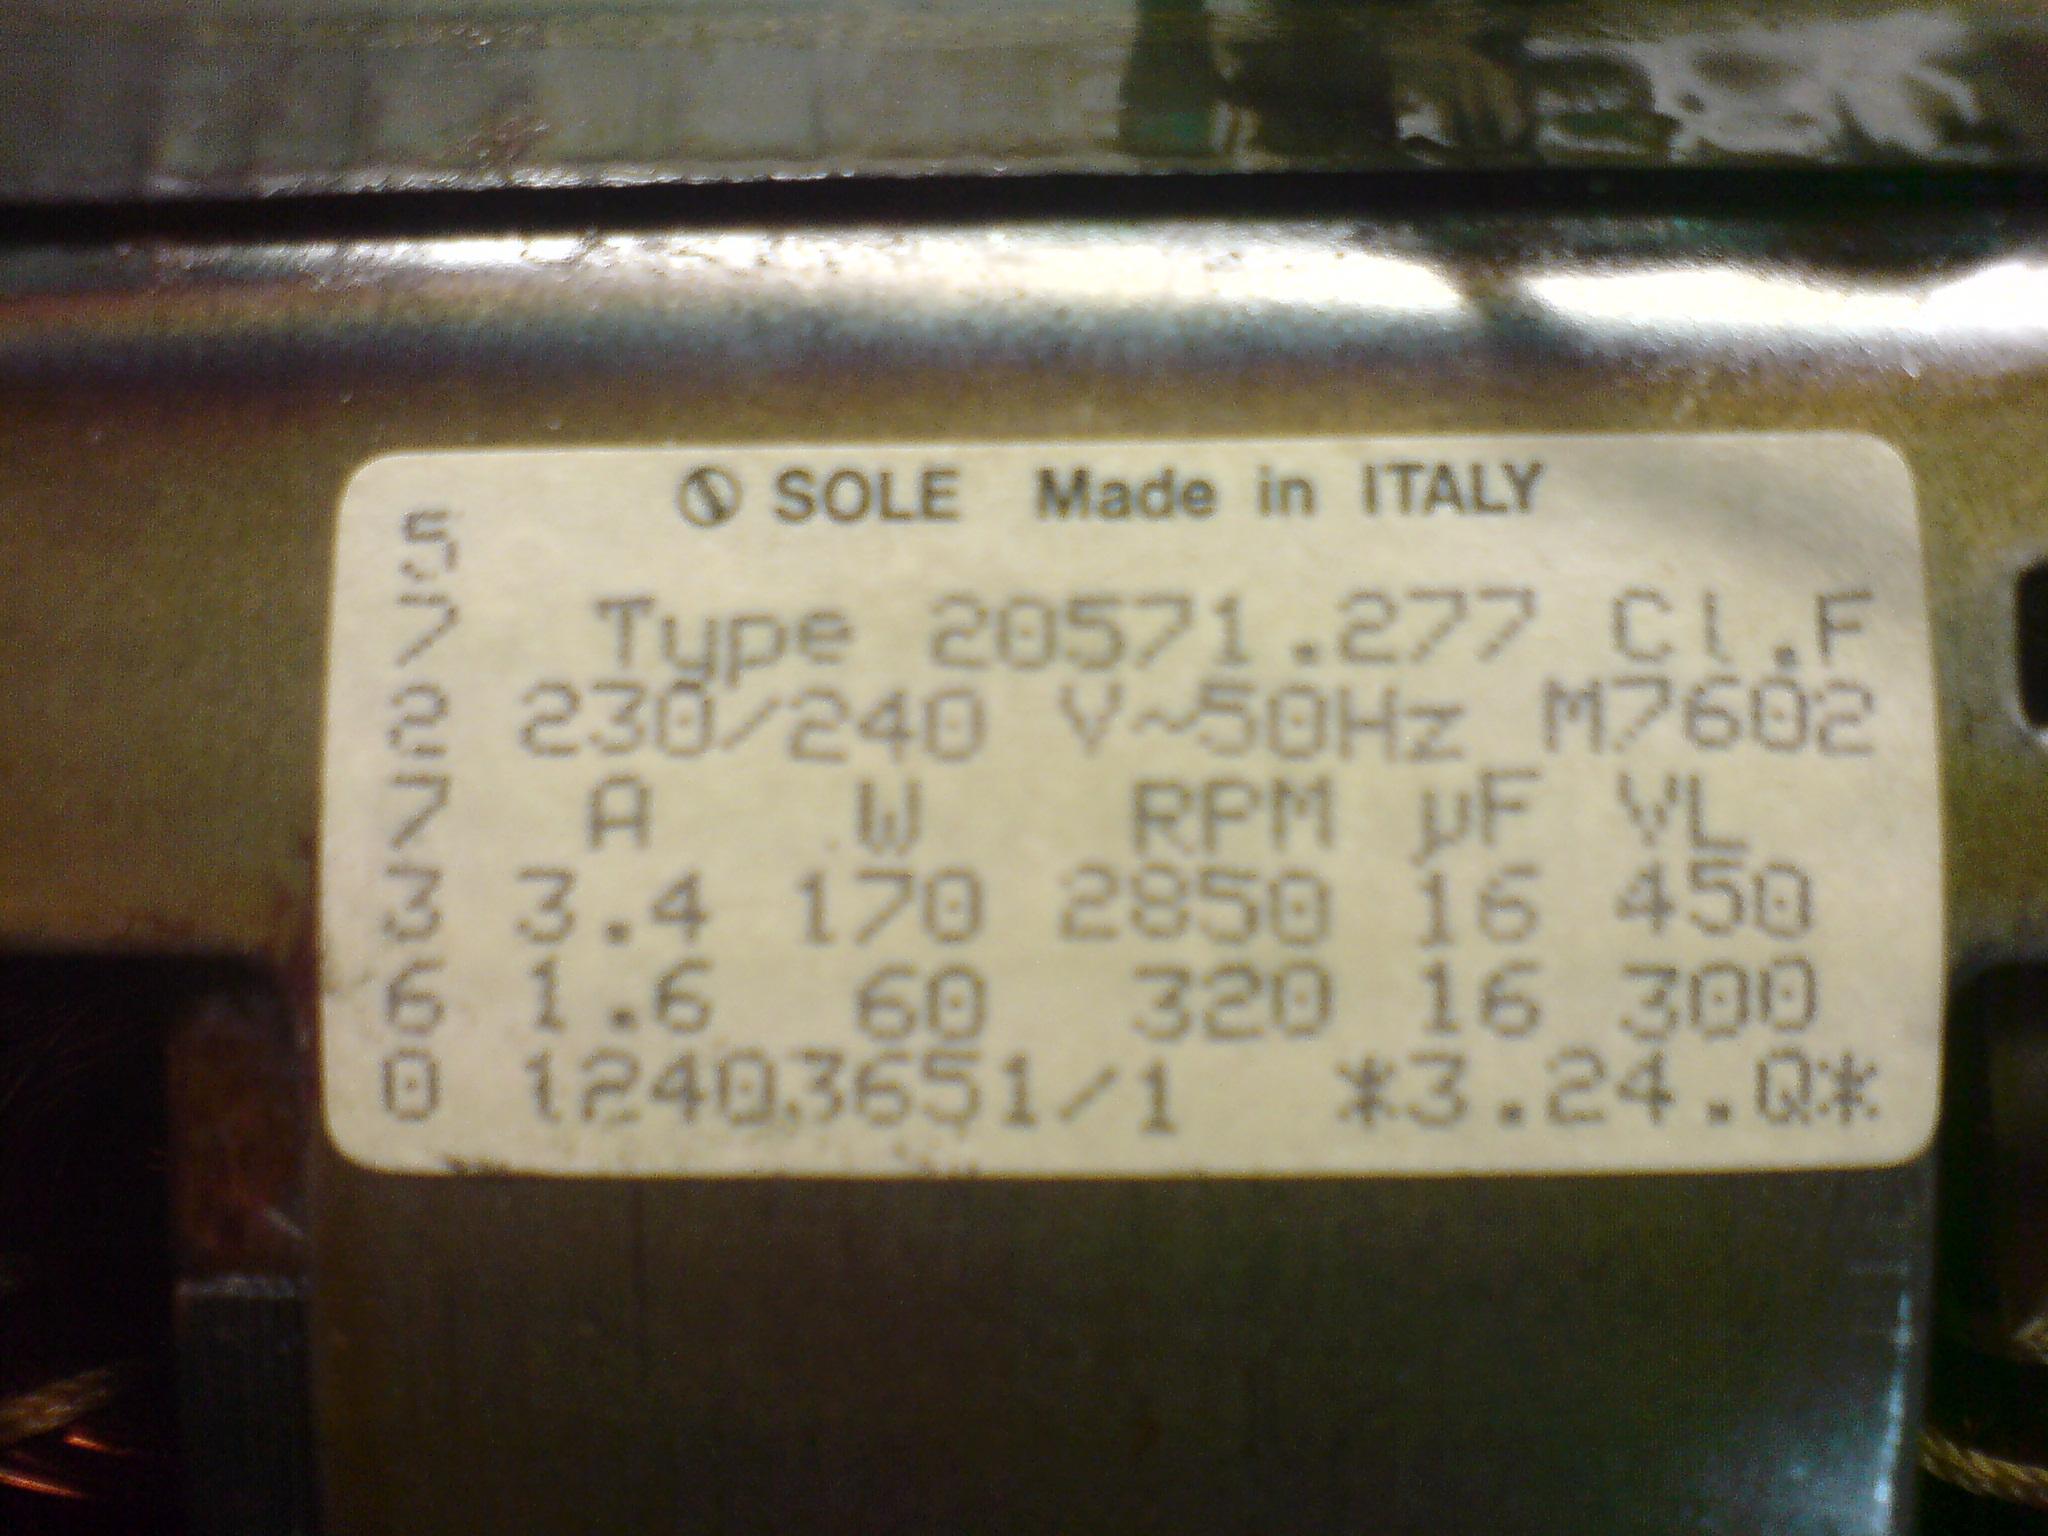 SOLE Type 20571.277 - Potrzebne obroty 2850